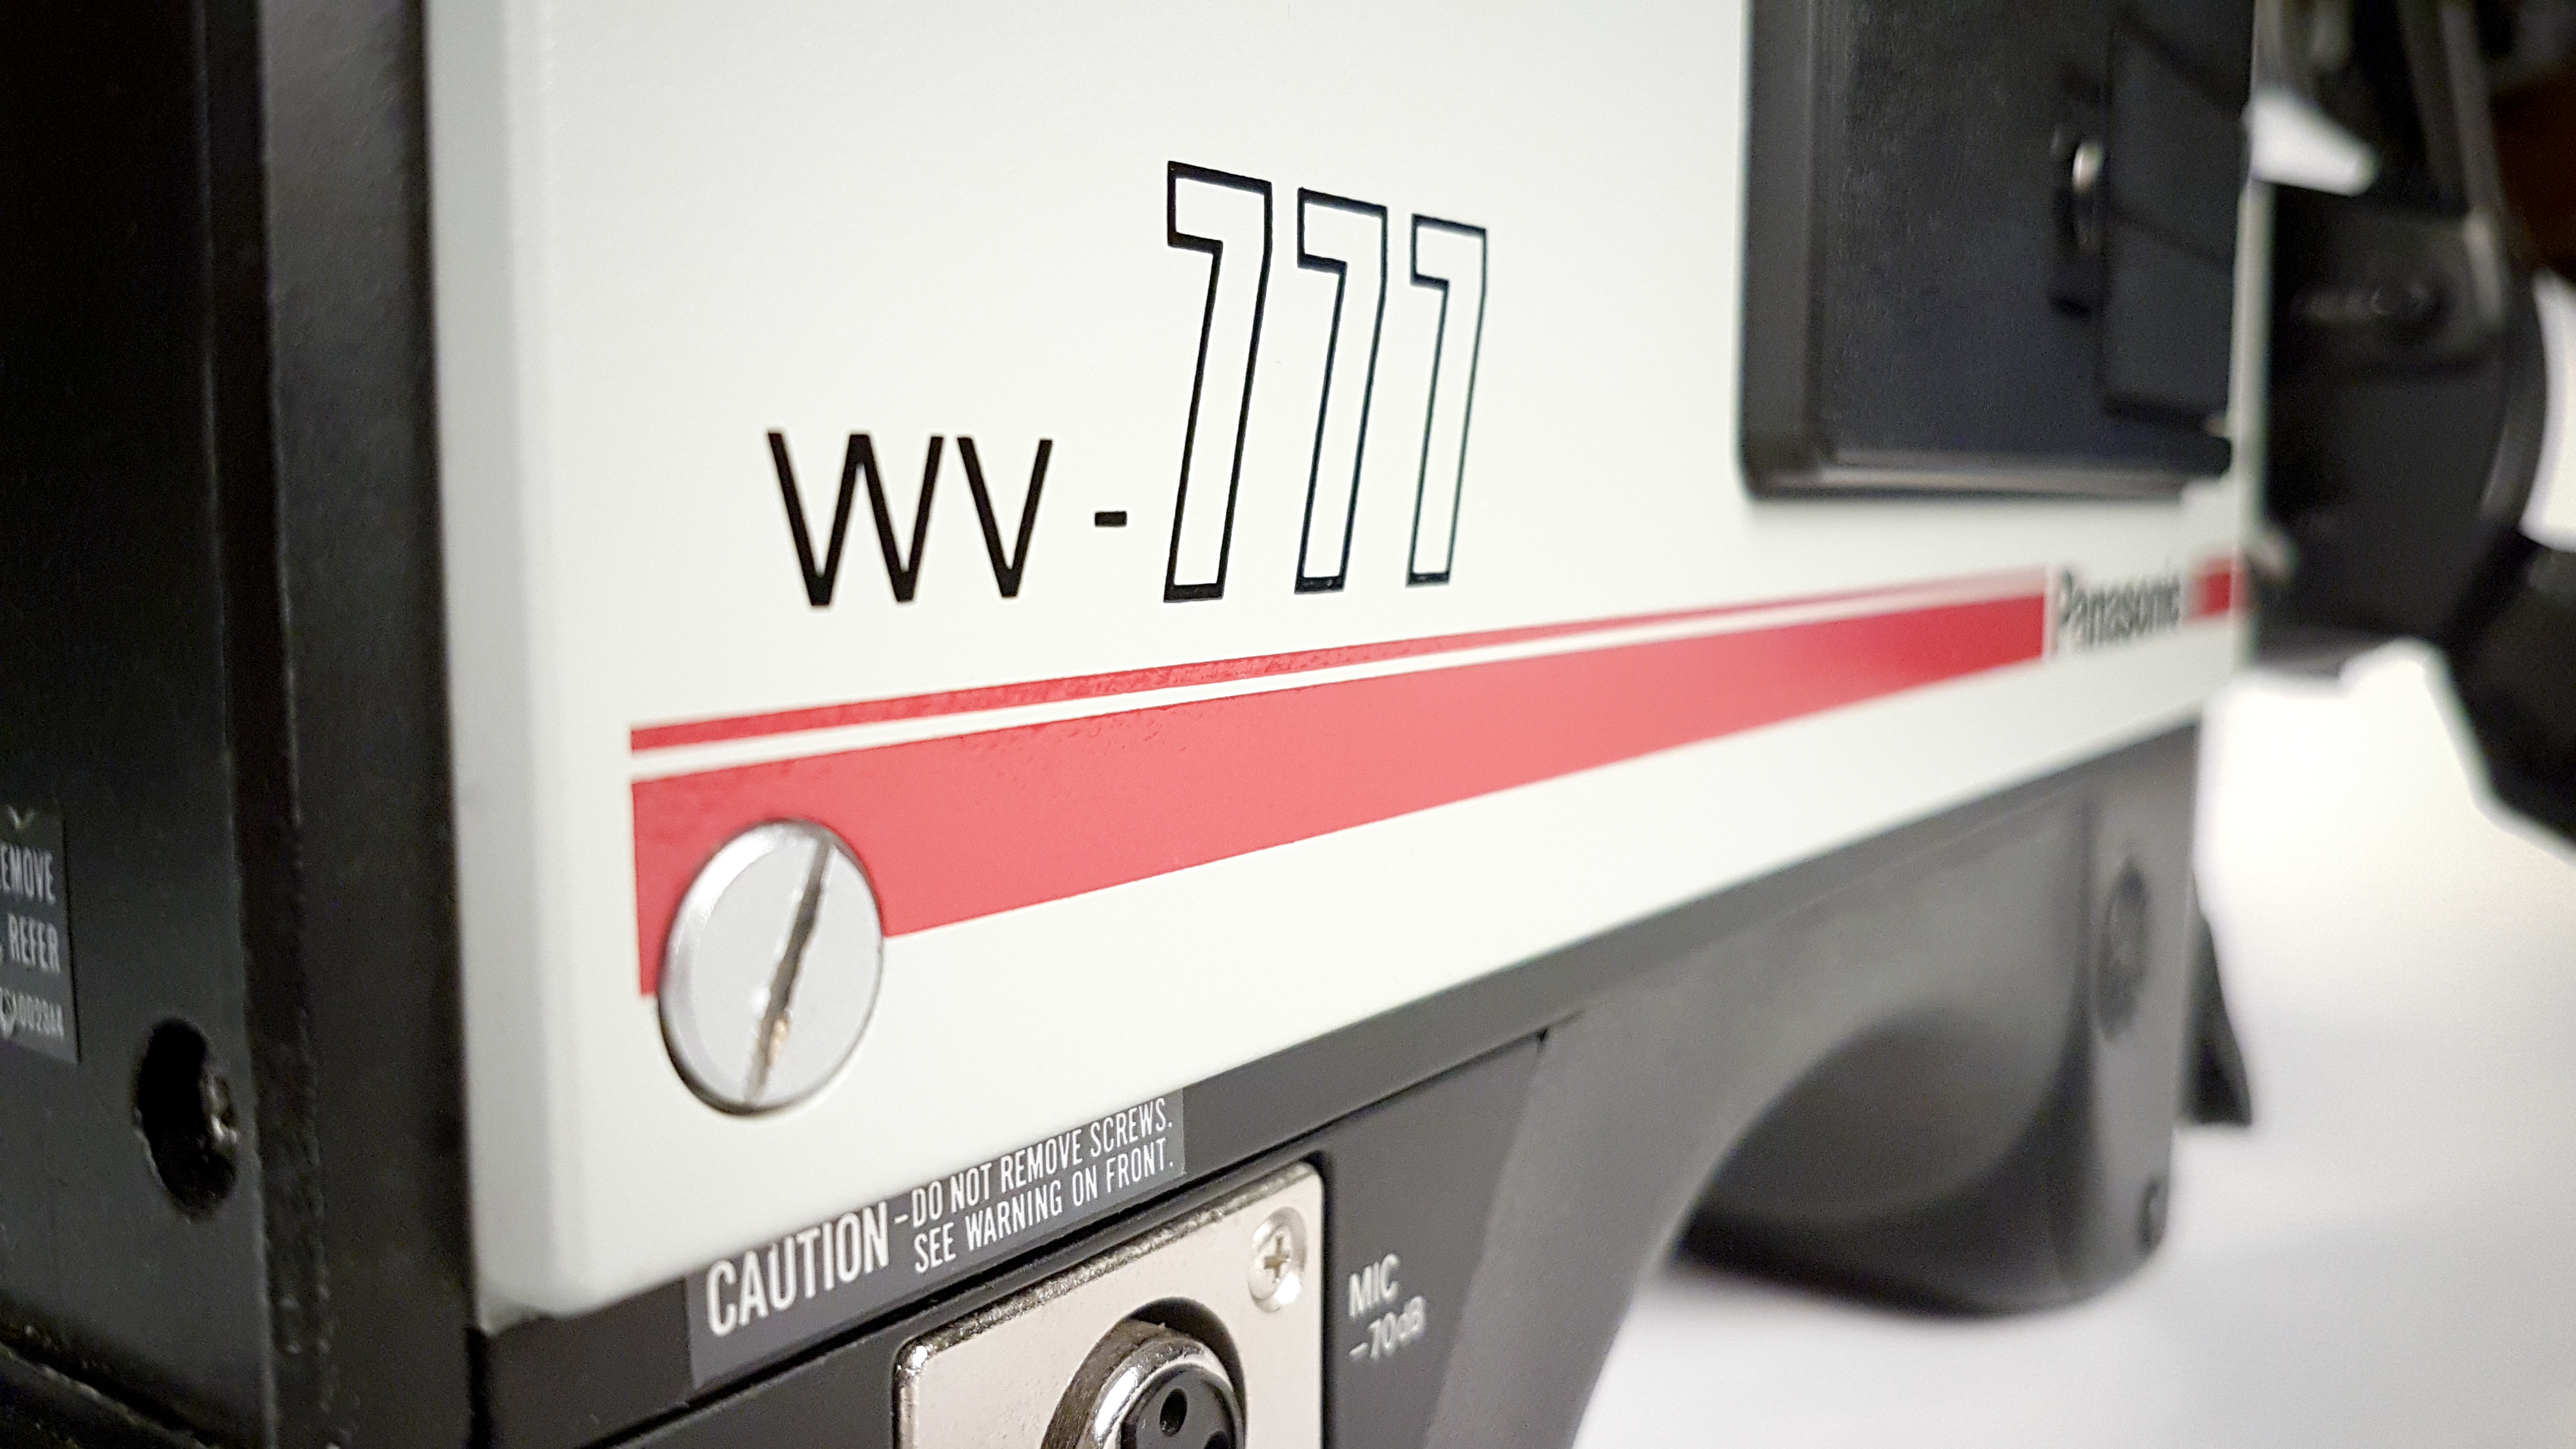 Panasonic WV-777